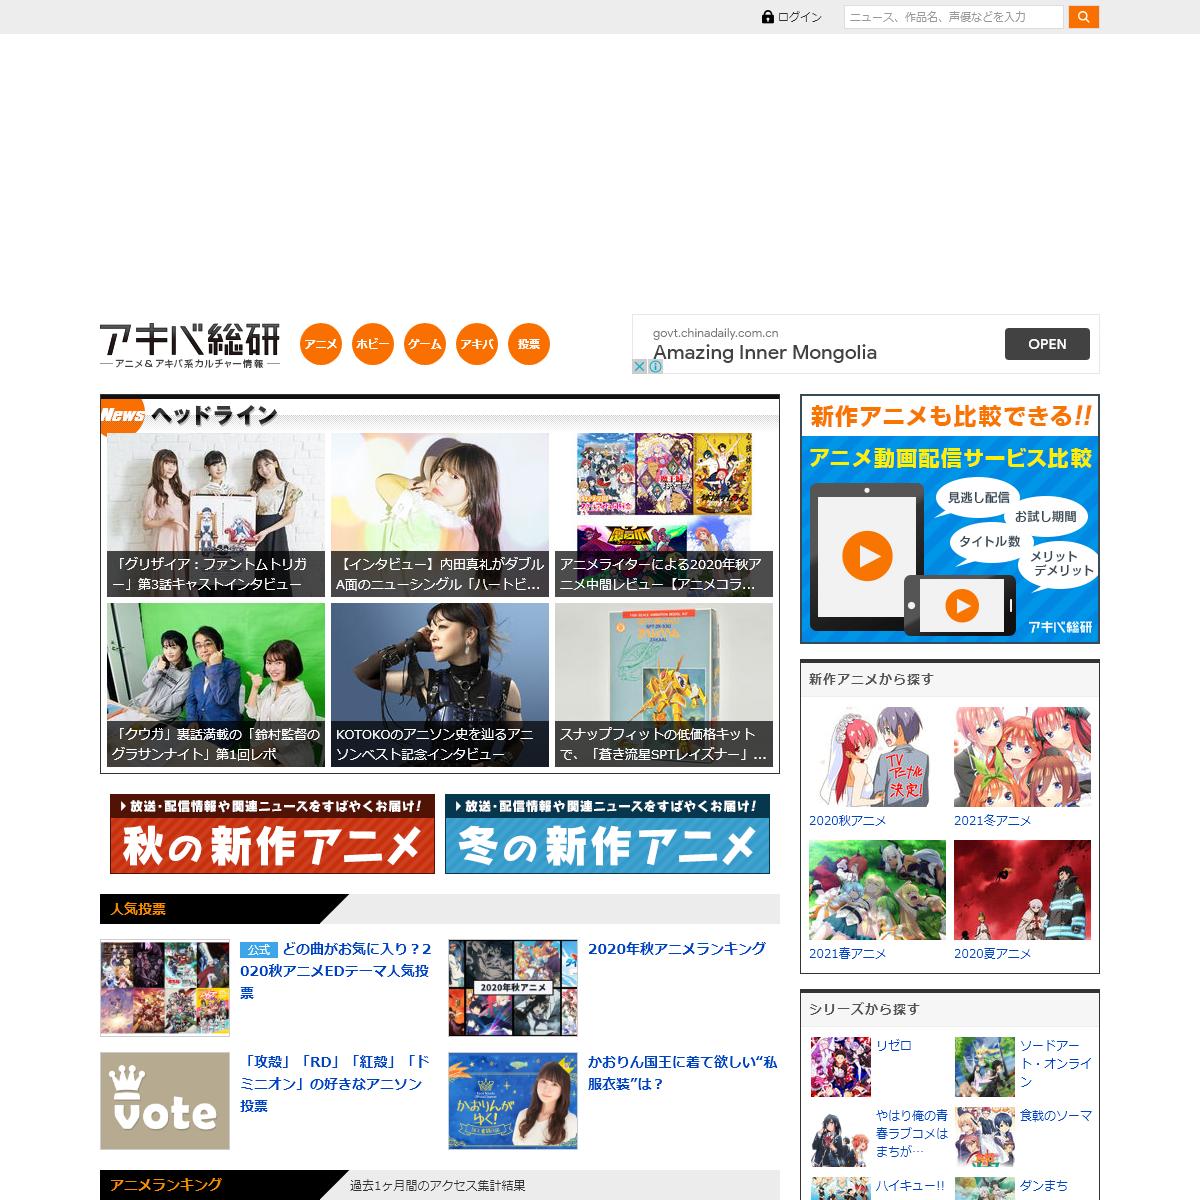 アニメとアキバ系カルチャーの総合情報サイト - アキバ総研